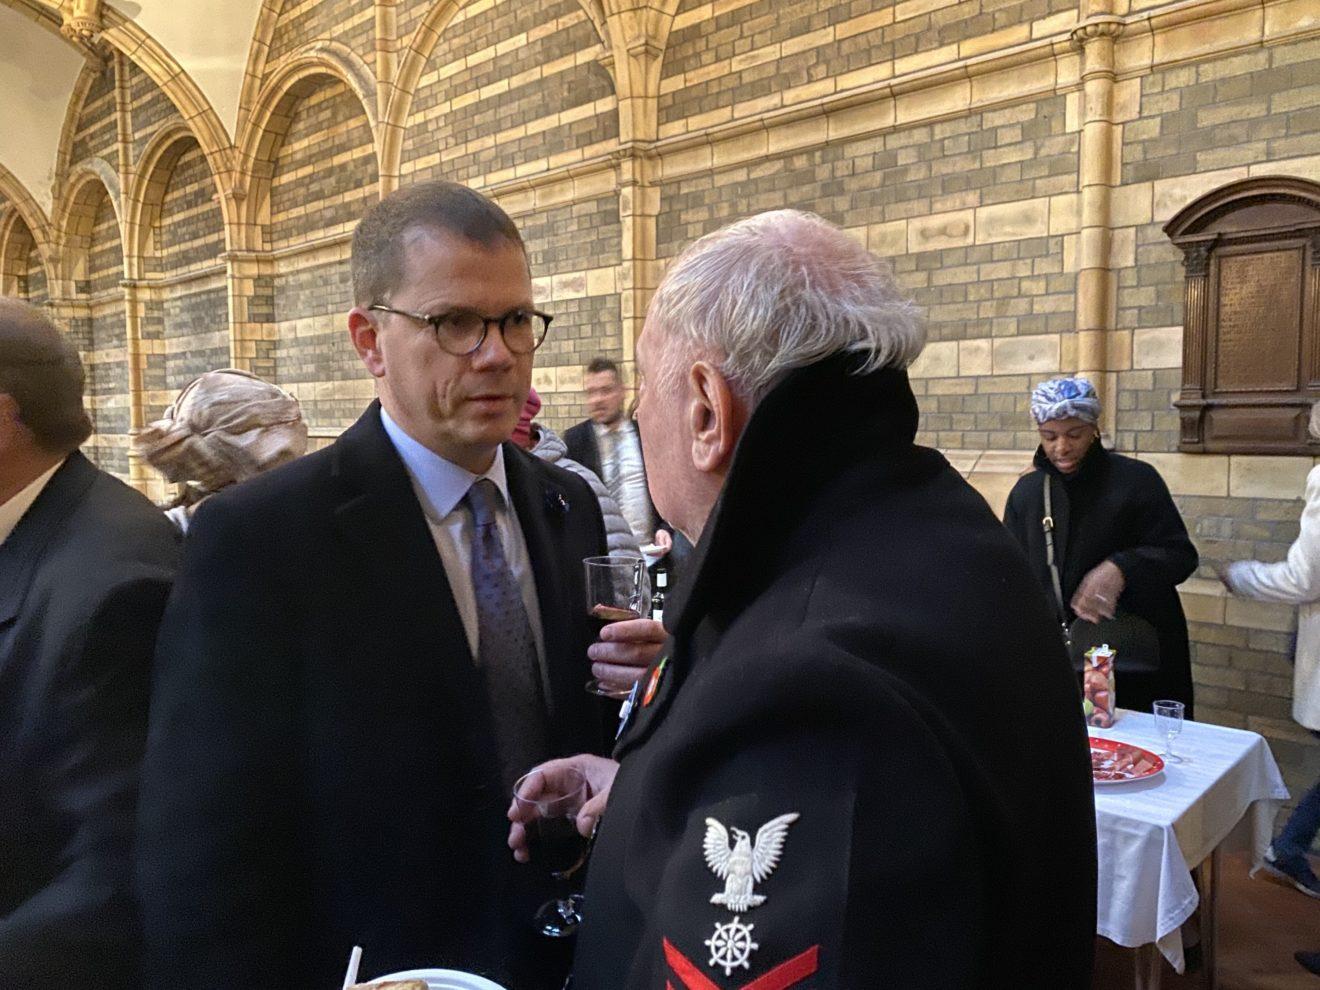 Monsieur le Consul Général Guillaume Bazard